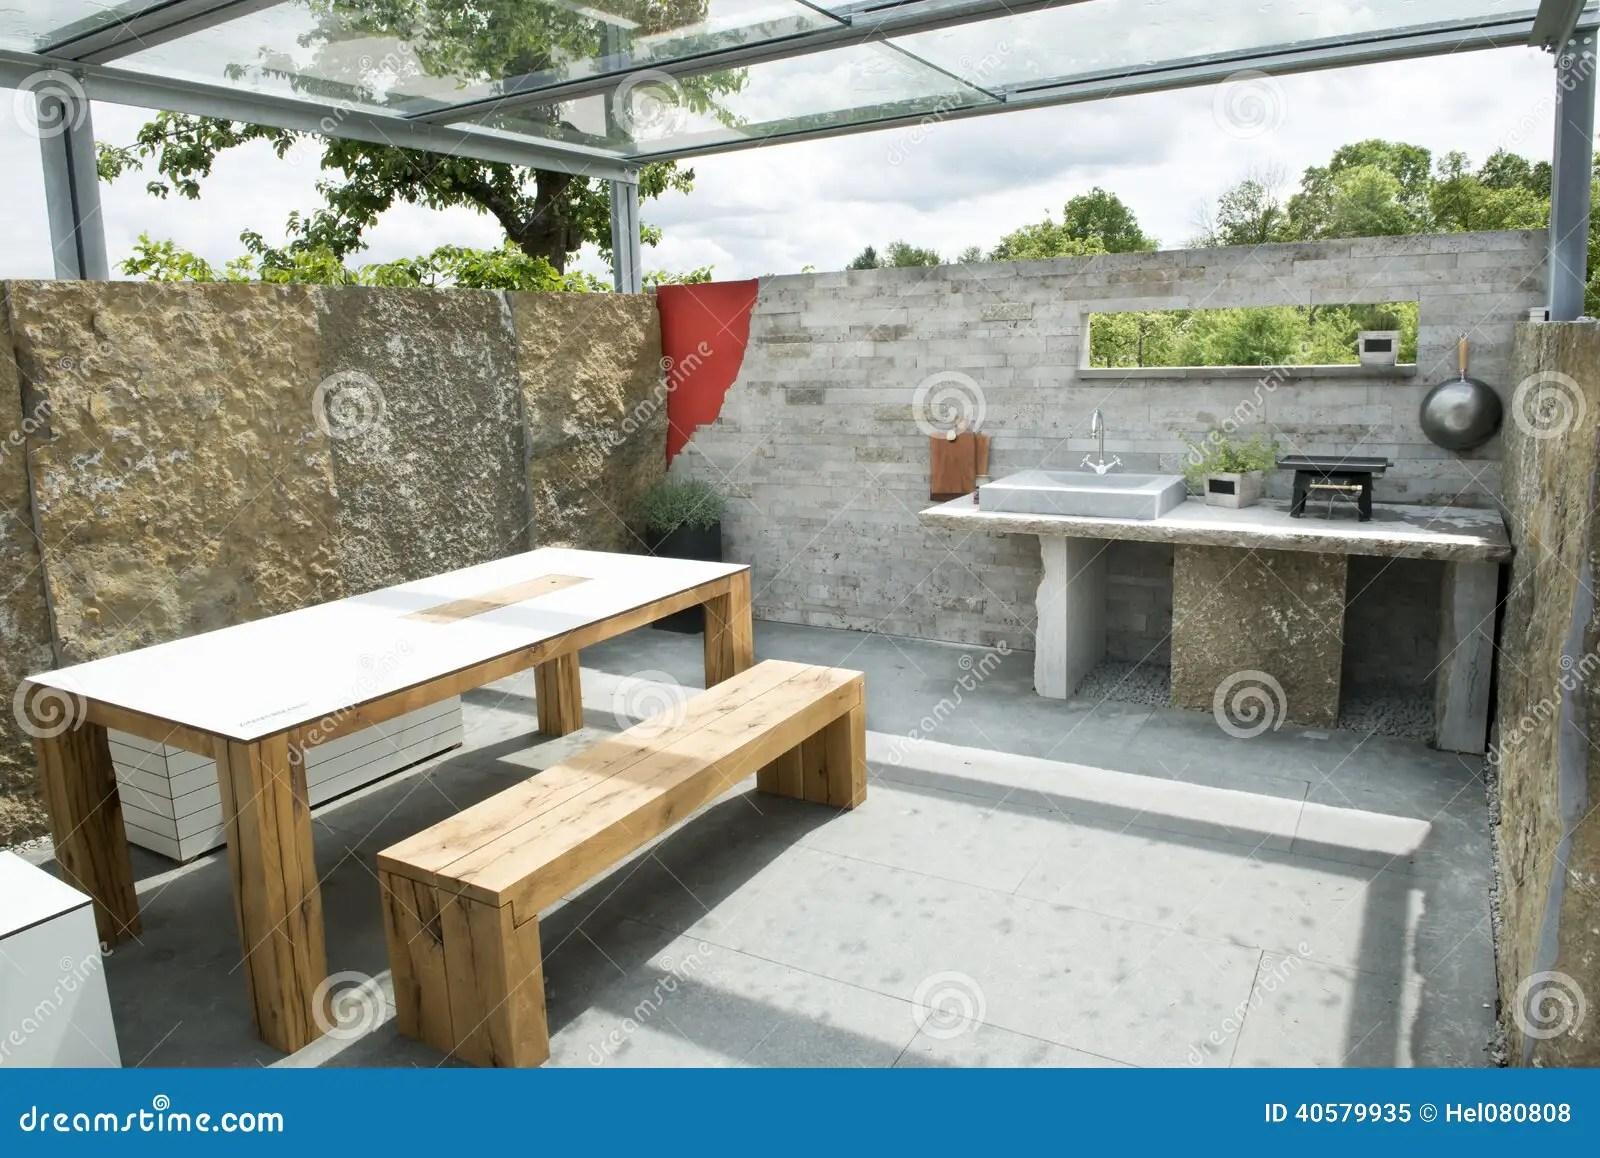 Outdoor Küche Viteo : Outdoor küche viteo holzfeuerküche die holzbefeuerte mobile